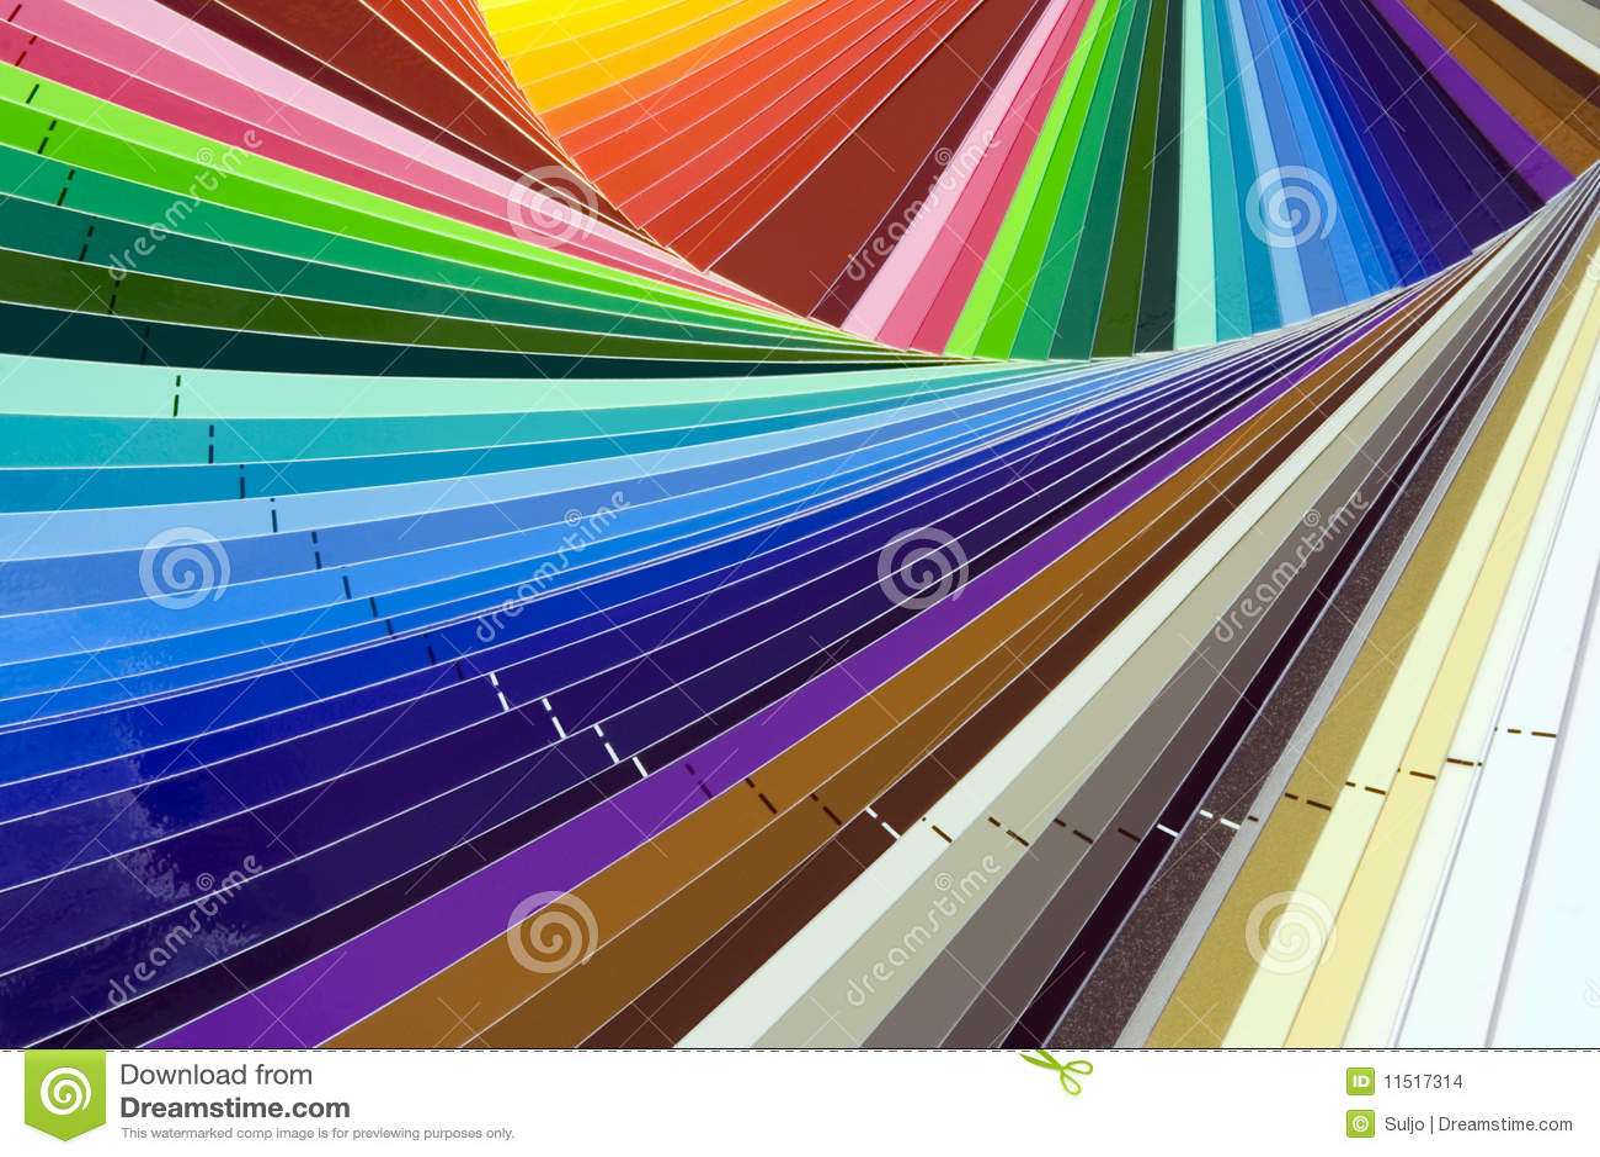 Escala de colores foto de archivo imagen de ejemplo for De colores de colores